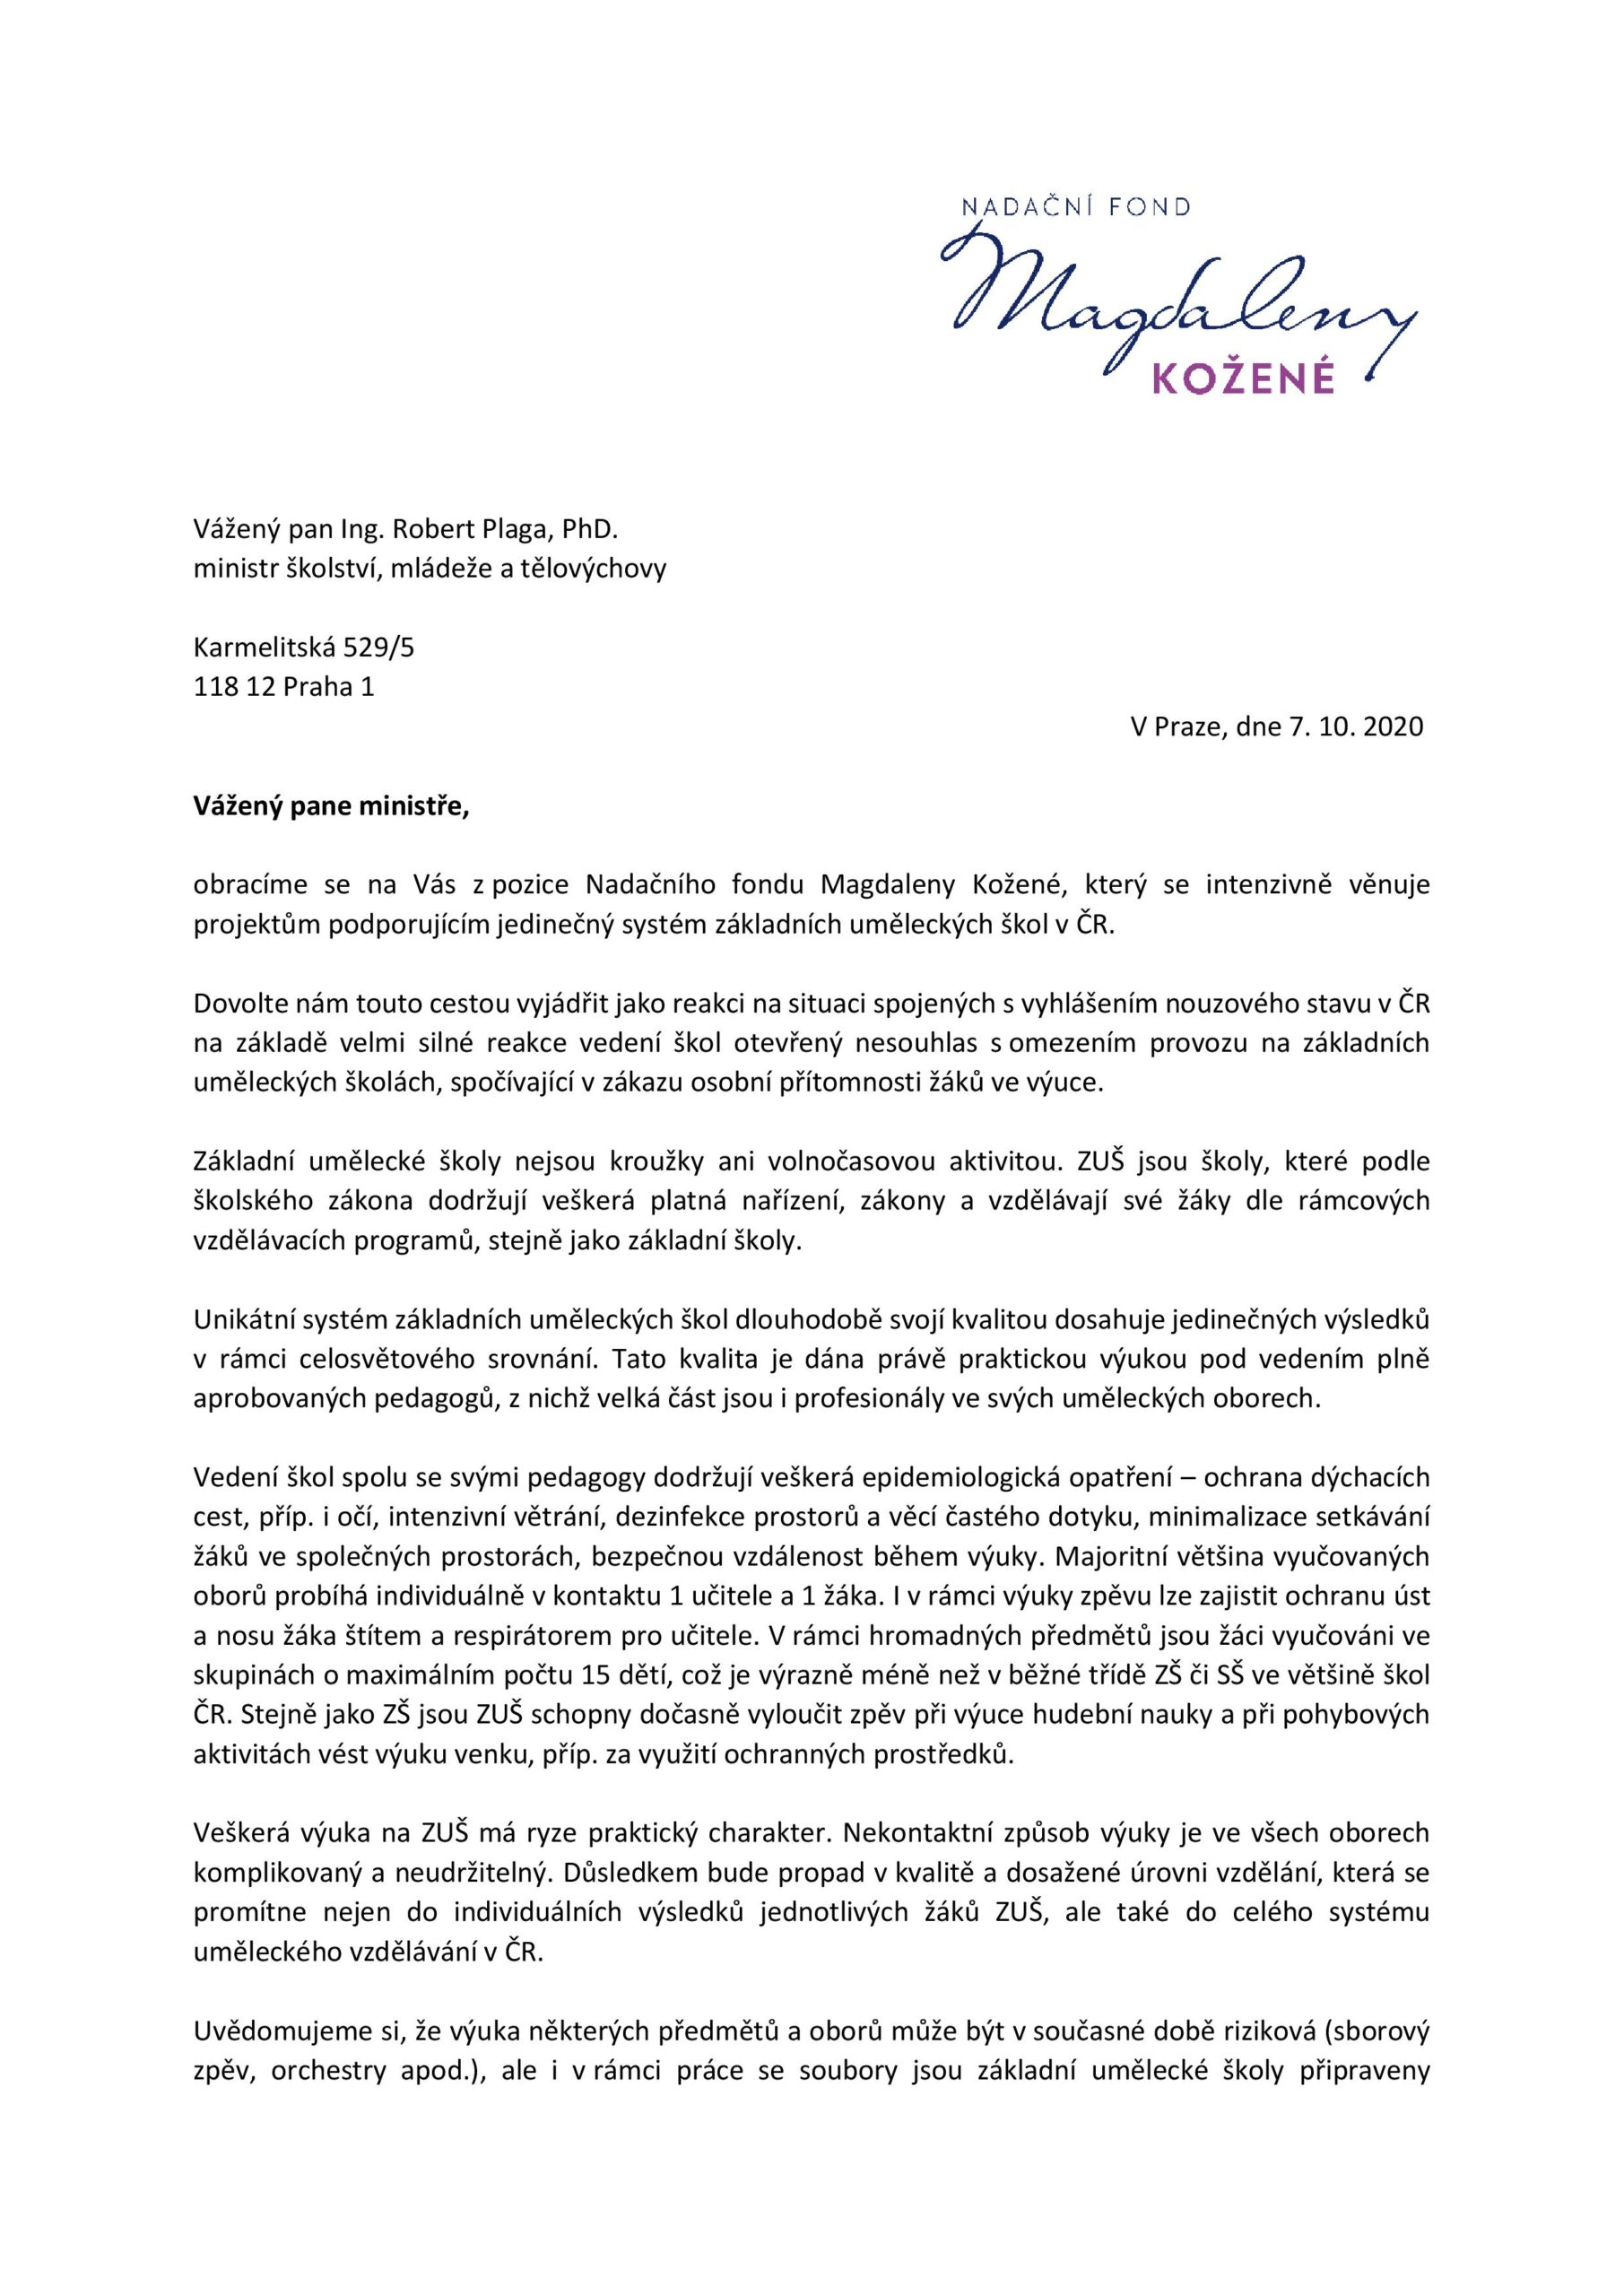 Dopis ministrovi školství